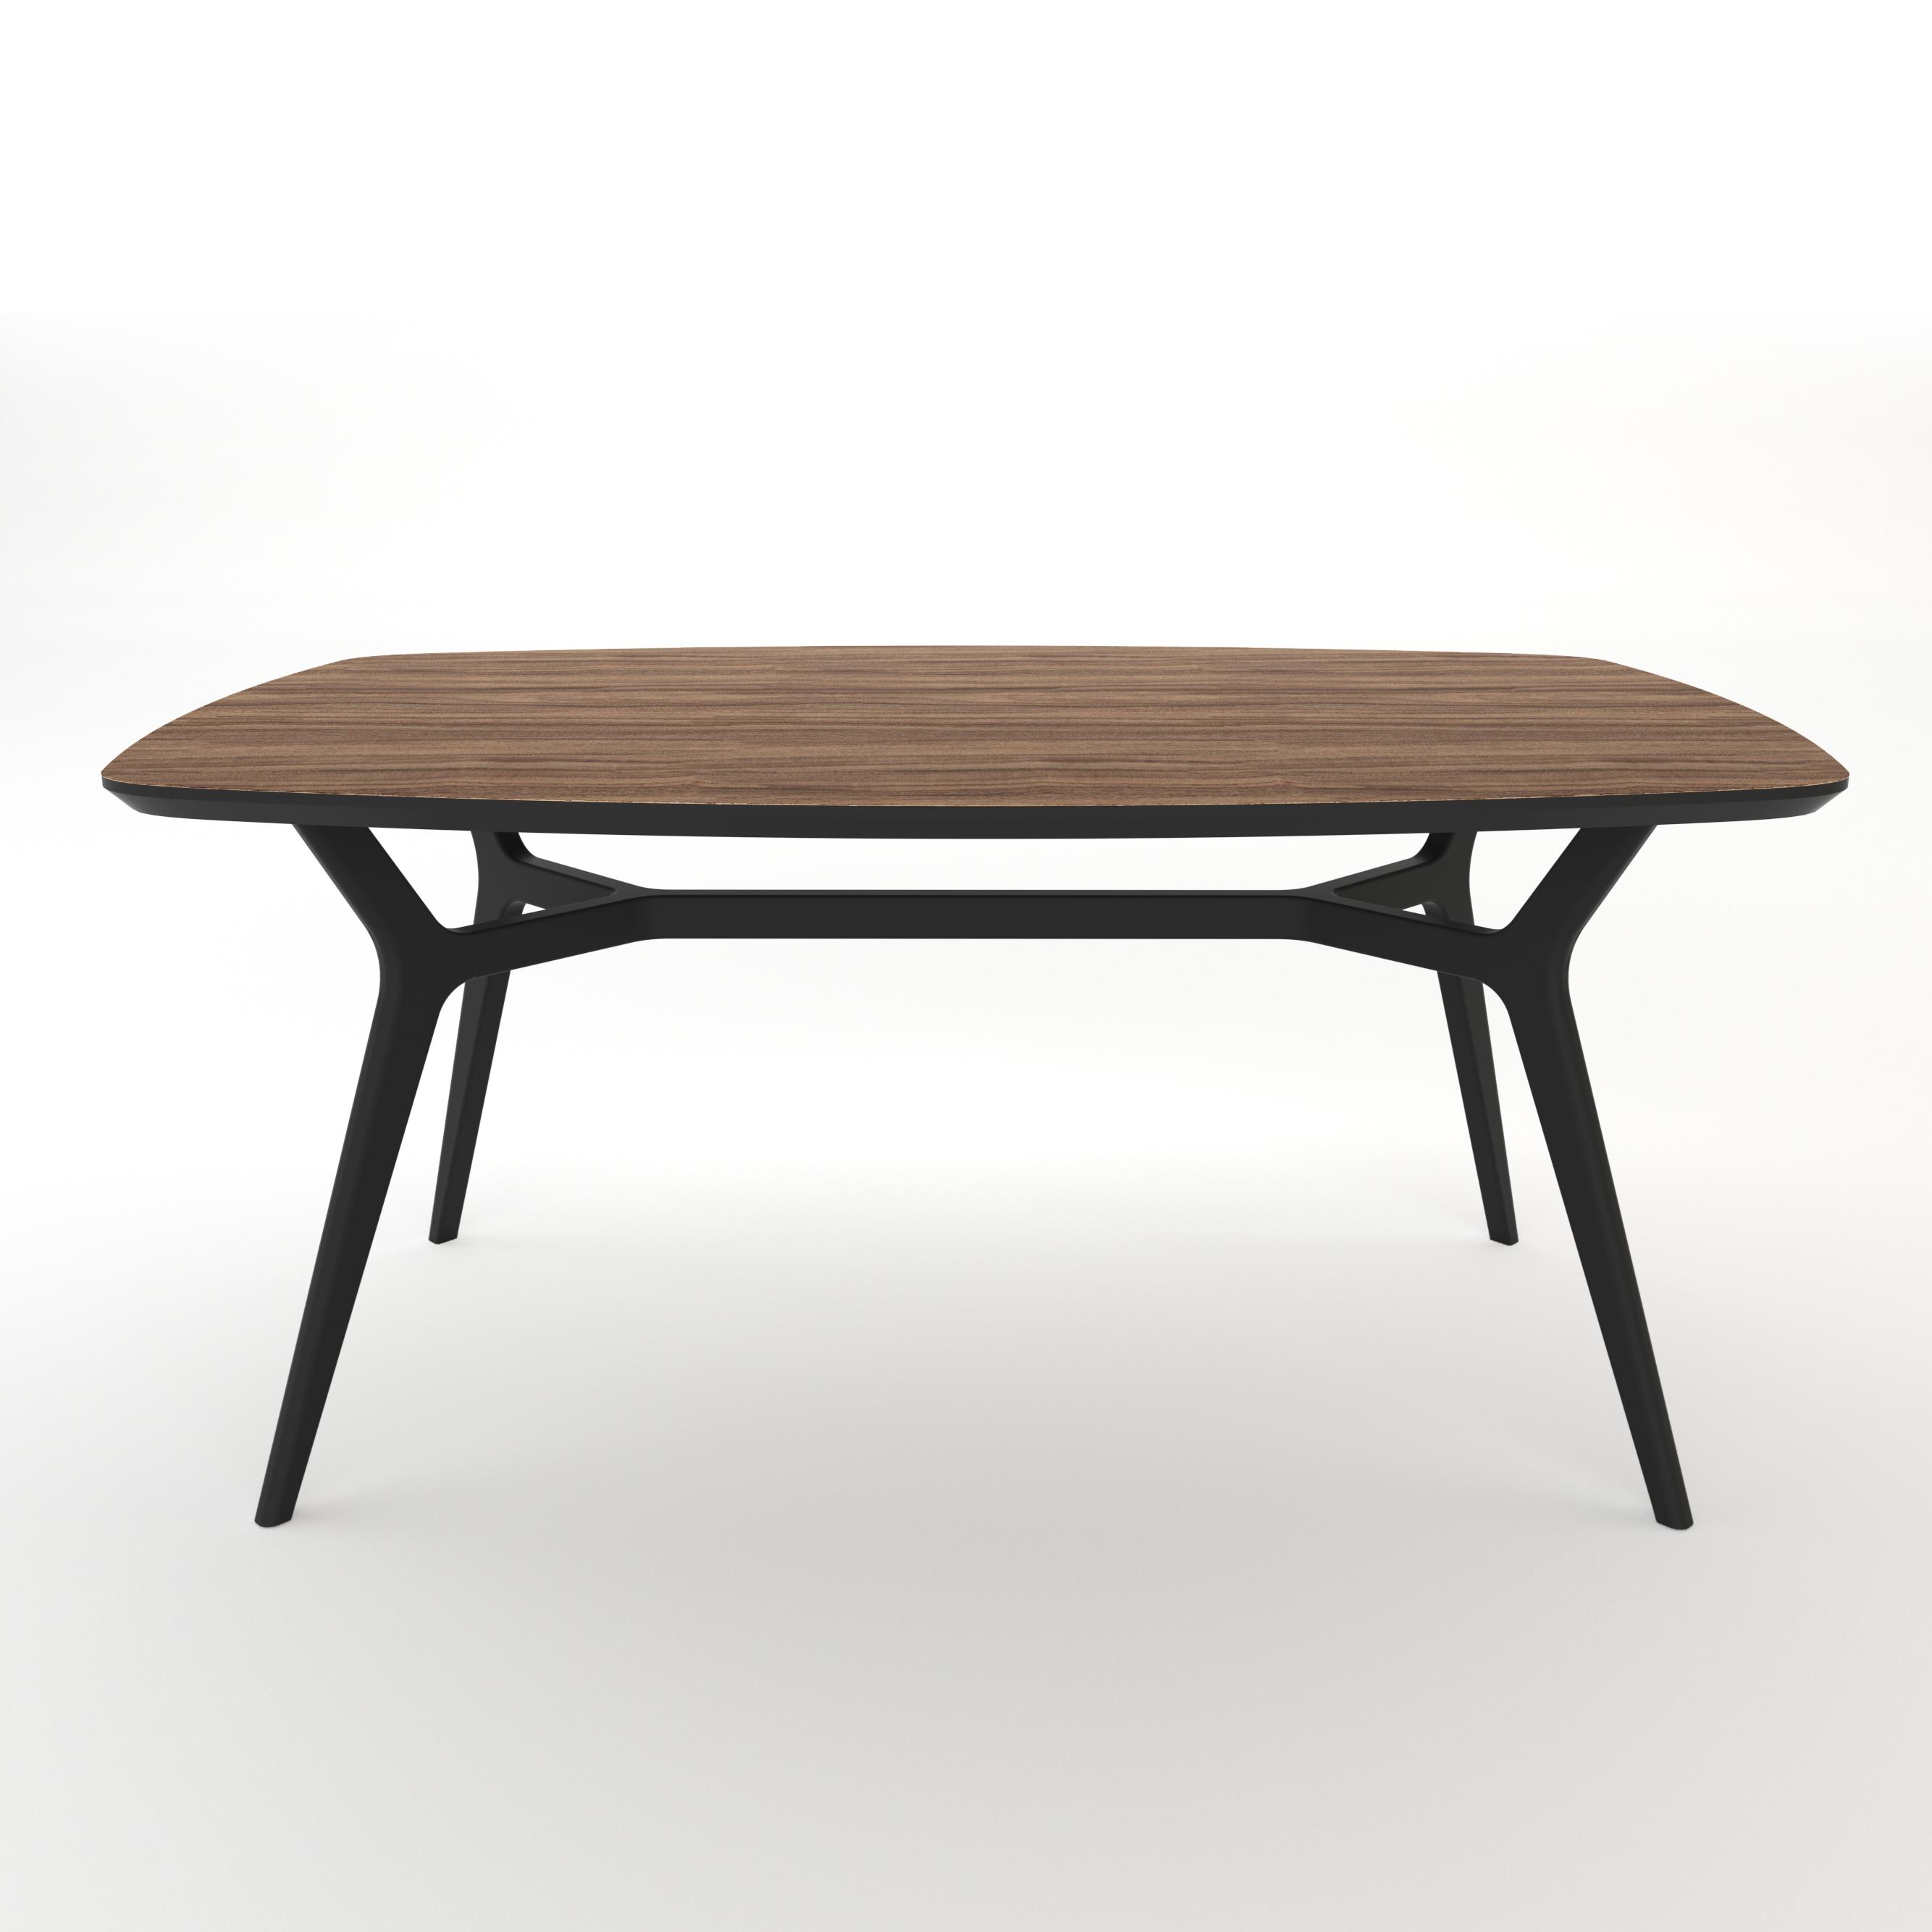 Стол JohannОбеденные столы<br>Тщательная проработка деталей и пропорций стола позволяет ему идеально вписаться в любой интерьер.&amp;amp;nbsp;&amp;lt;div&amp;gt;Отделка столешницы шпоном ореха, подстолье выкрашено в  цвет графит. Сборка не требуется. &amp;lt;/div&amp;gt;<br><br>Material: МДФ<br>Ширина см: 140.0<br>Высота см: 75.0<br>Глубина см: 80.0